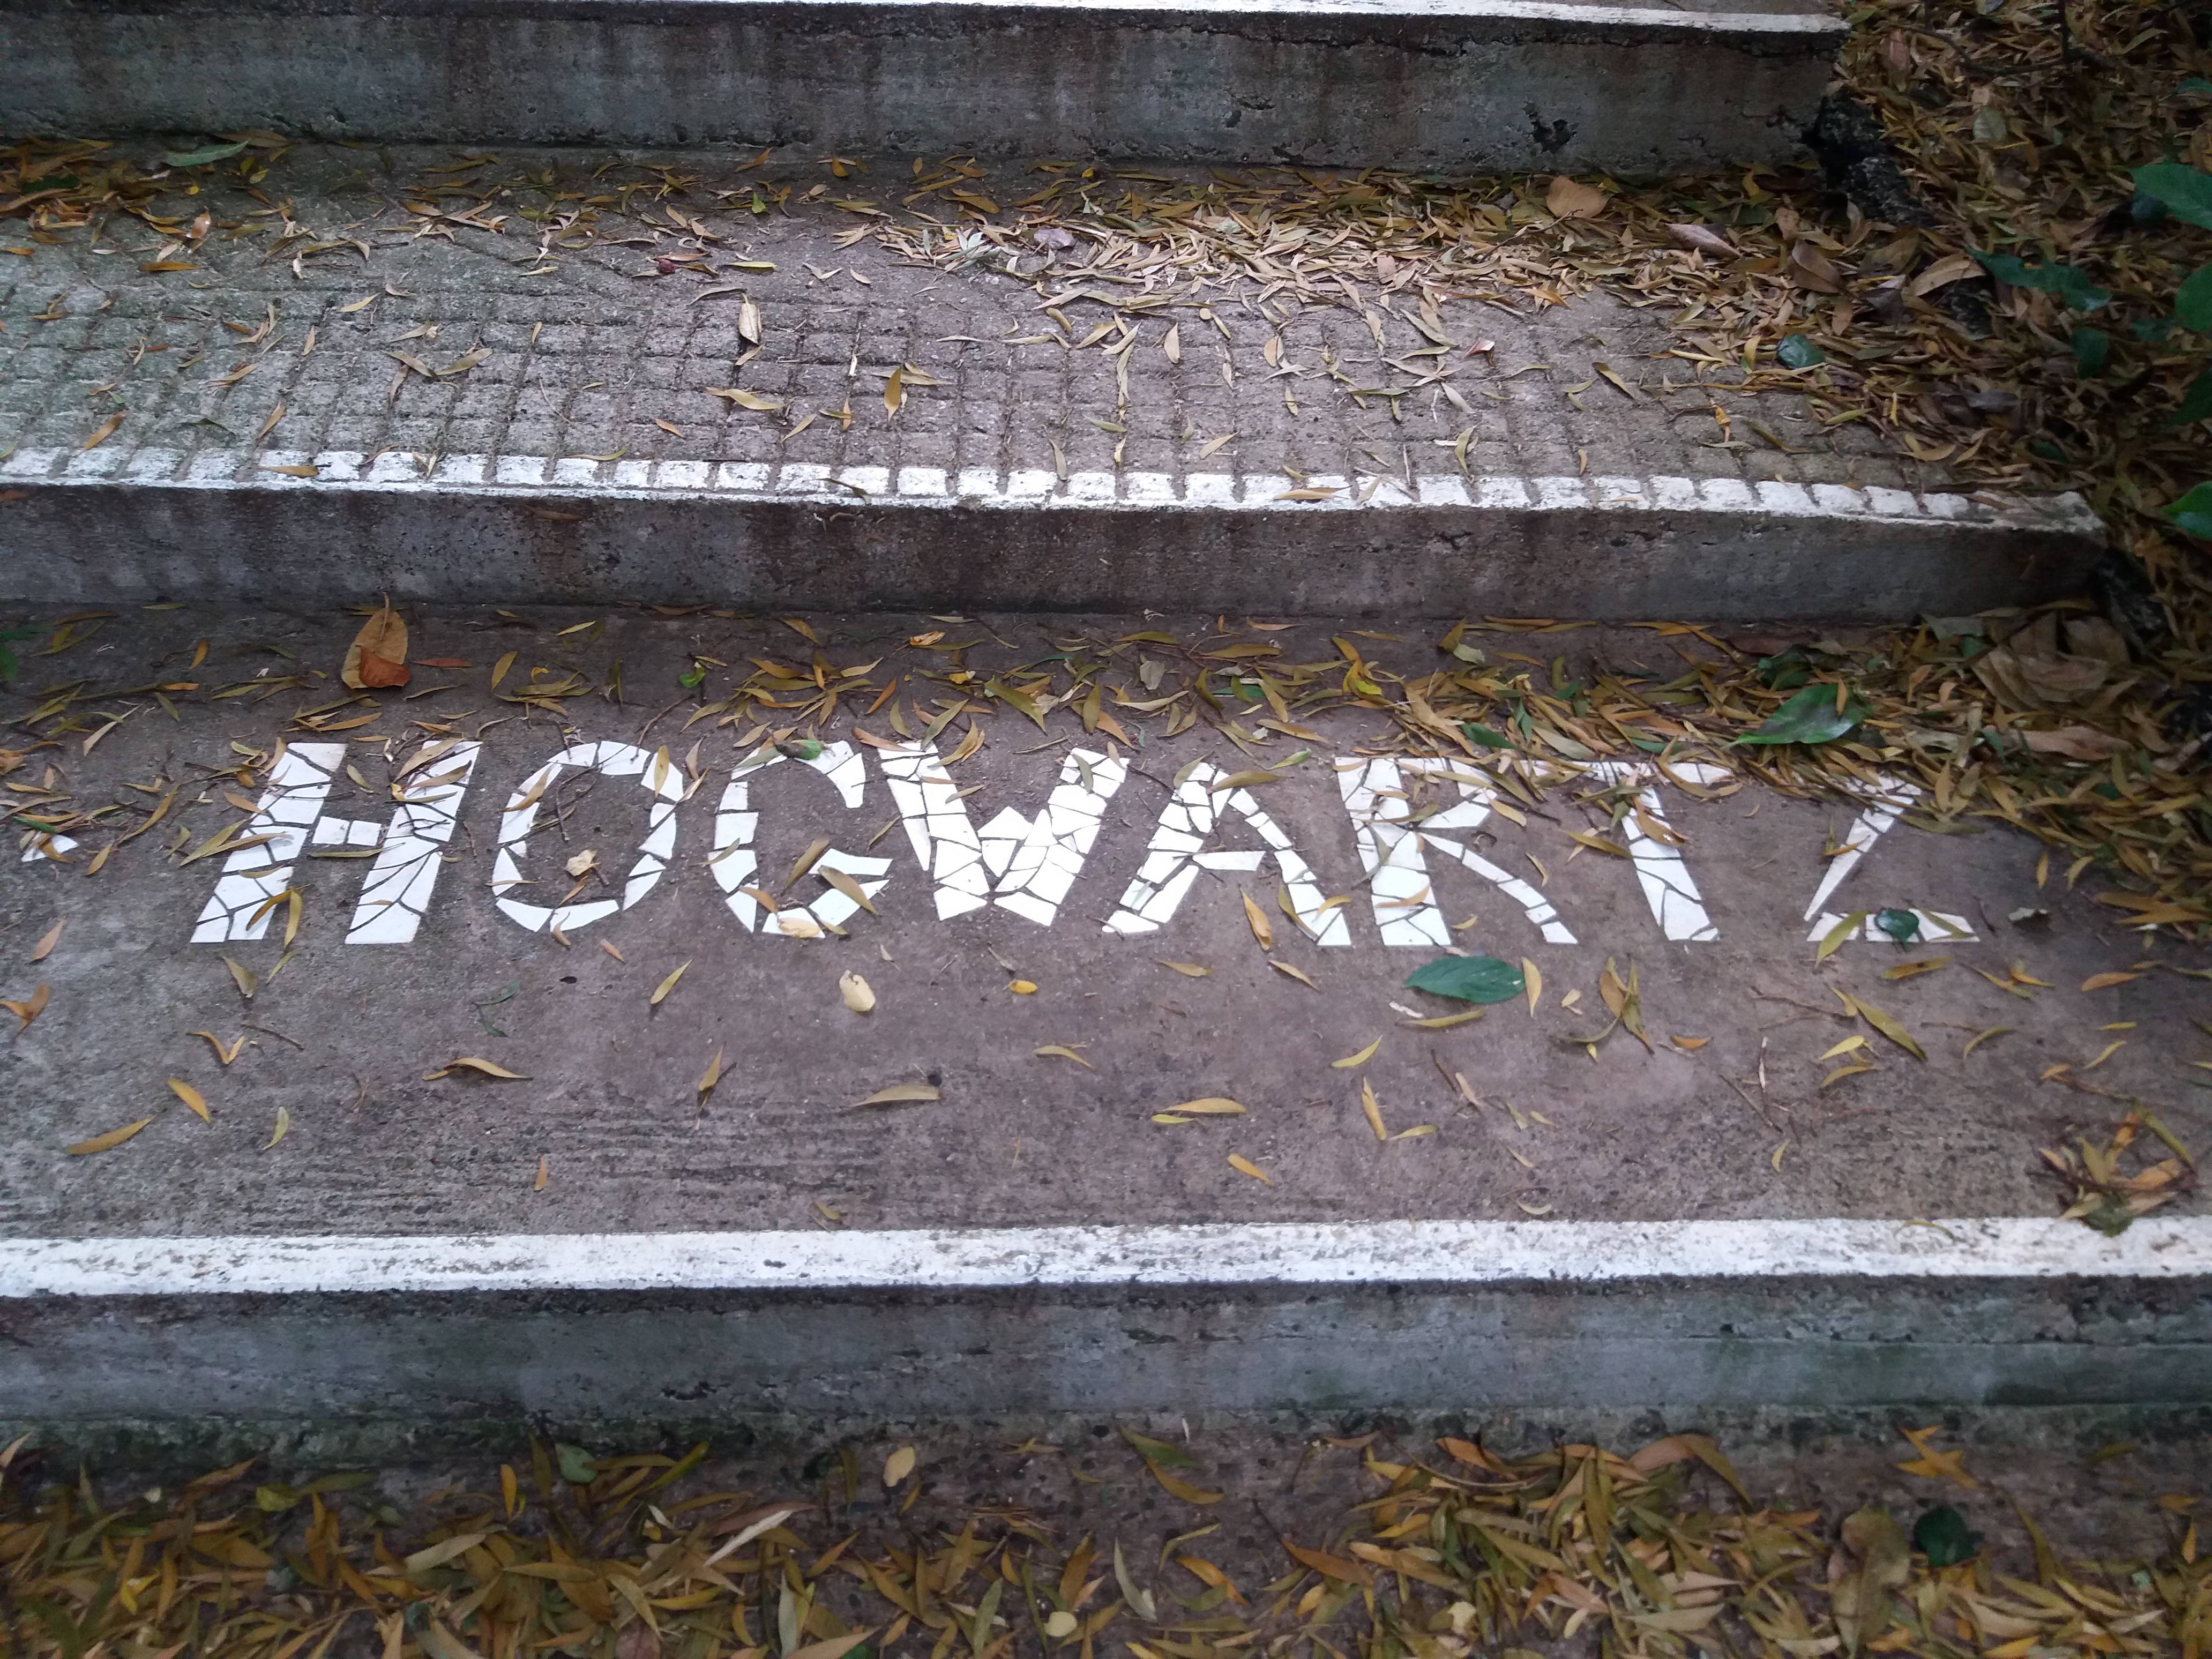 Photo 1: Hogwarts, l'auberge de jeunesse dédiée à Harry Potter